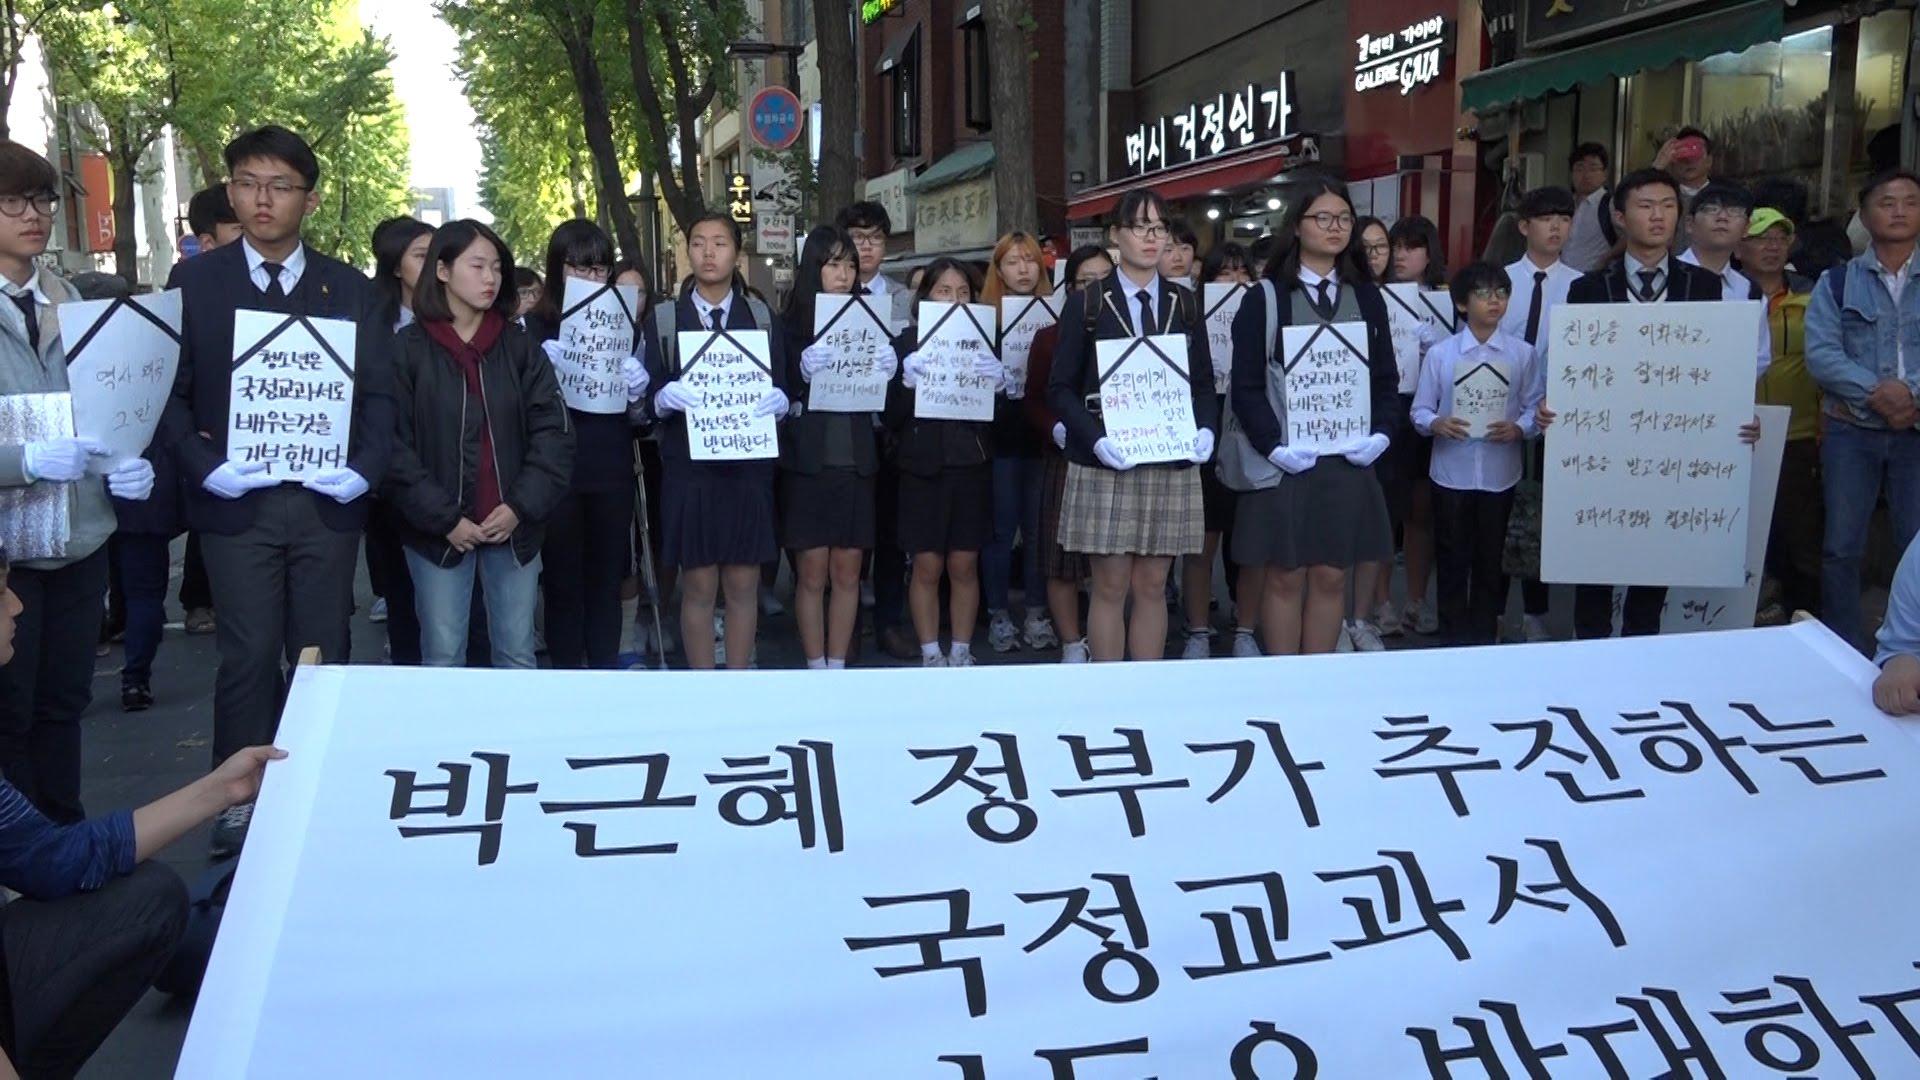 국정교과서 반대 청소년